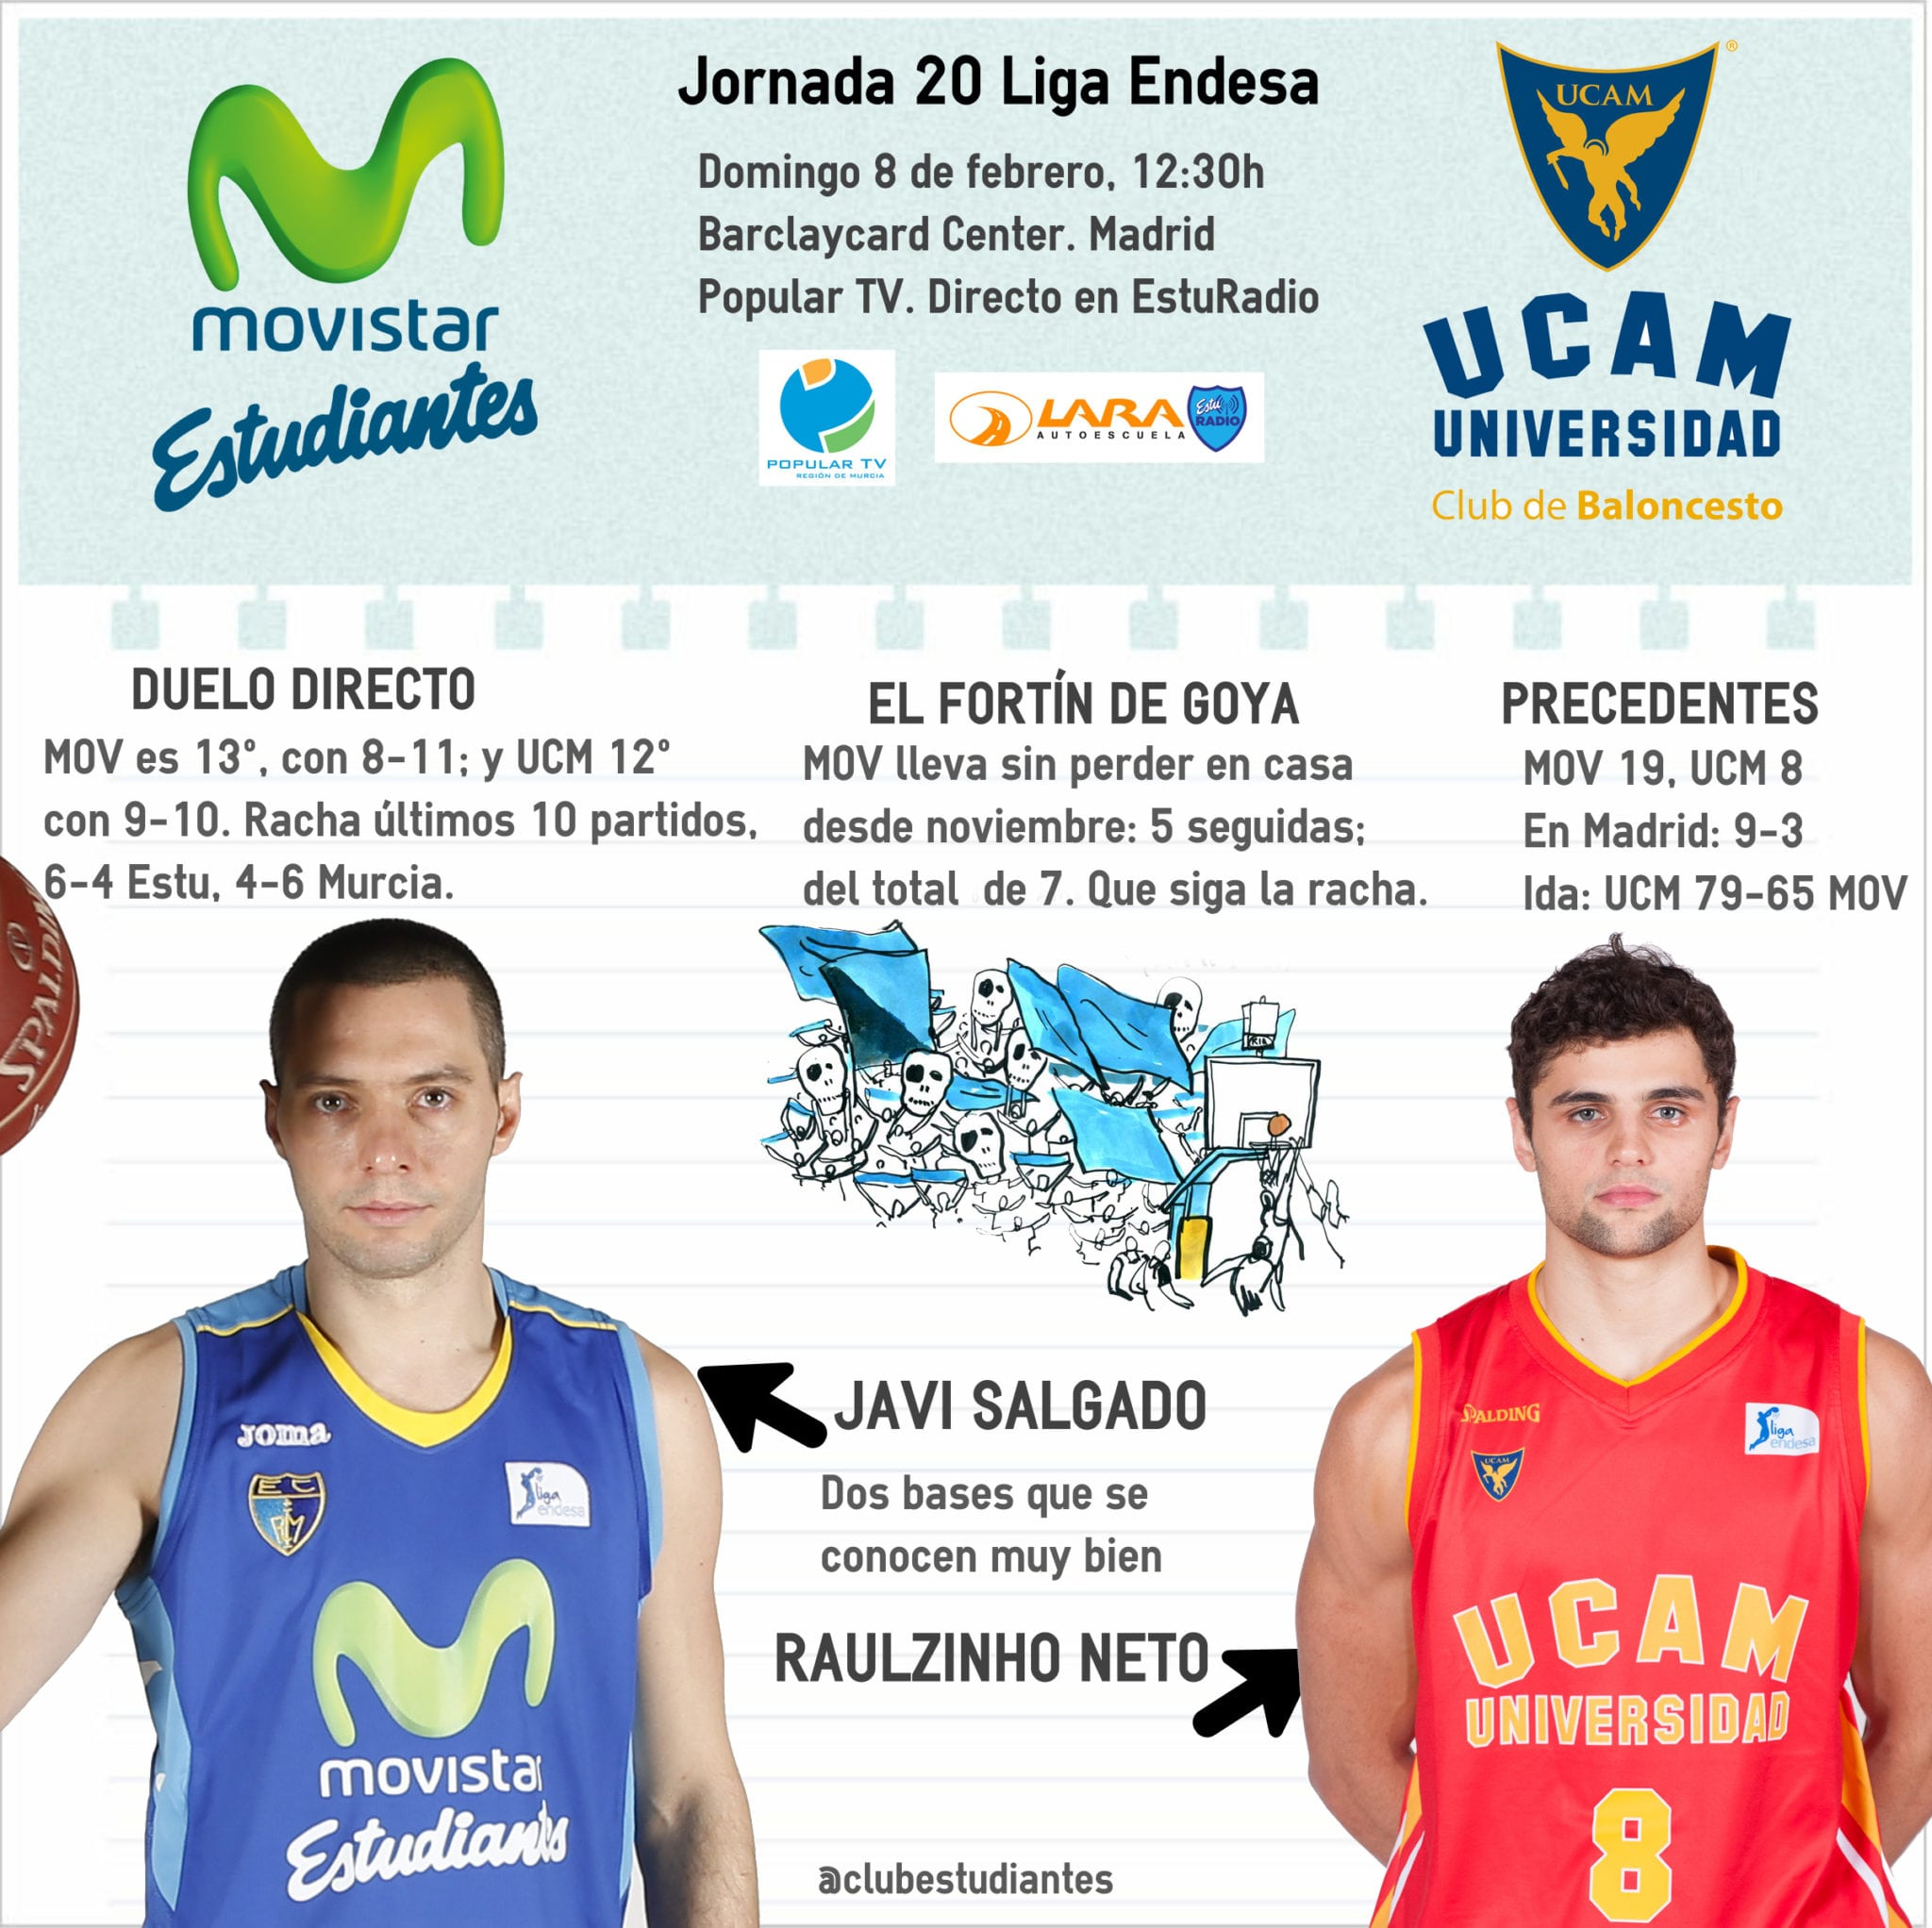 Movistar Estudiantes- UCAM Murcia: duelo directo en el fortín de Goya (domingo 12:30h. Popular TV. EstuRadio)